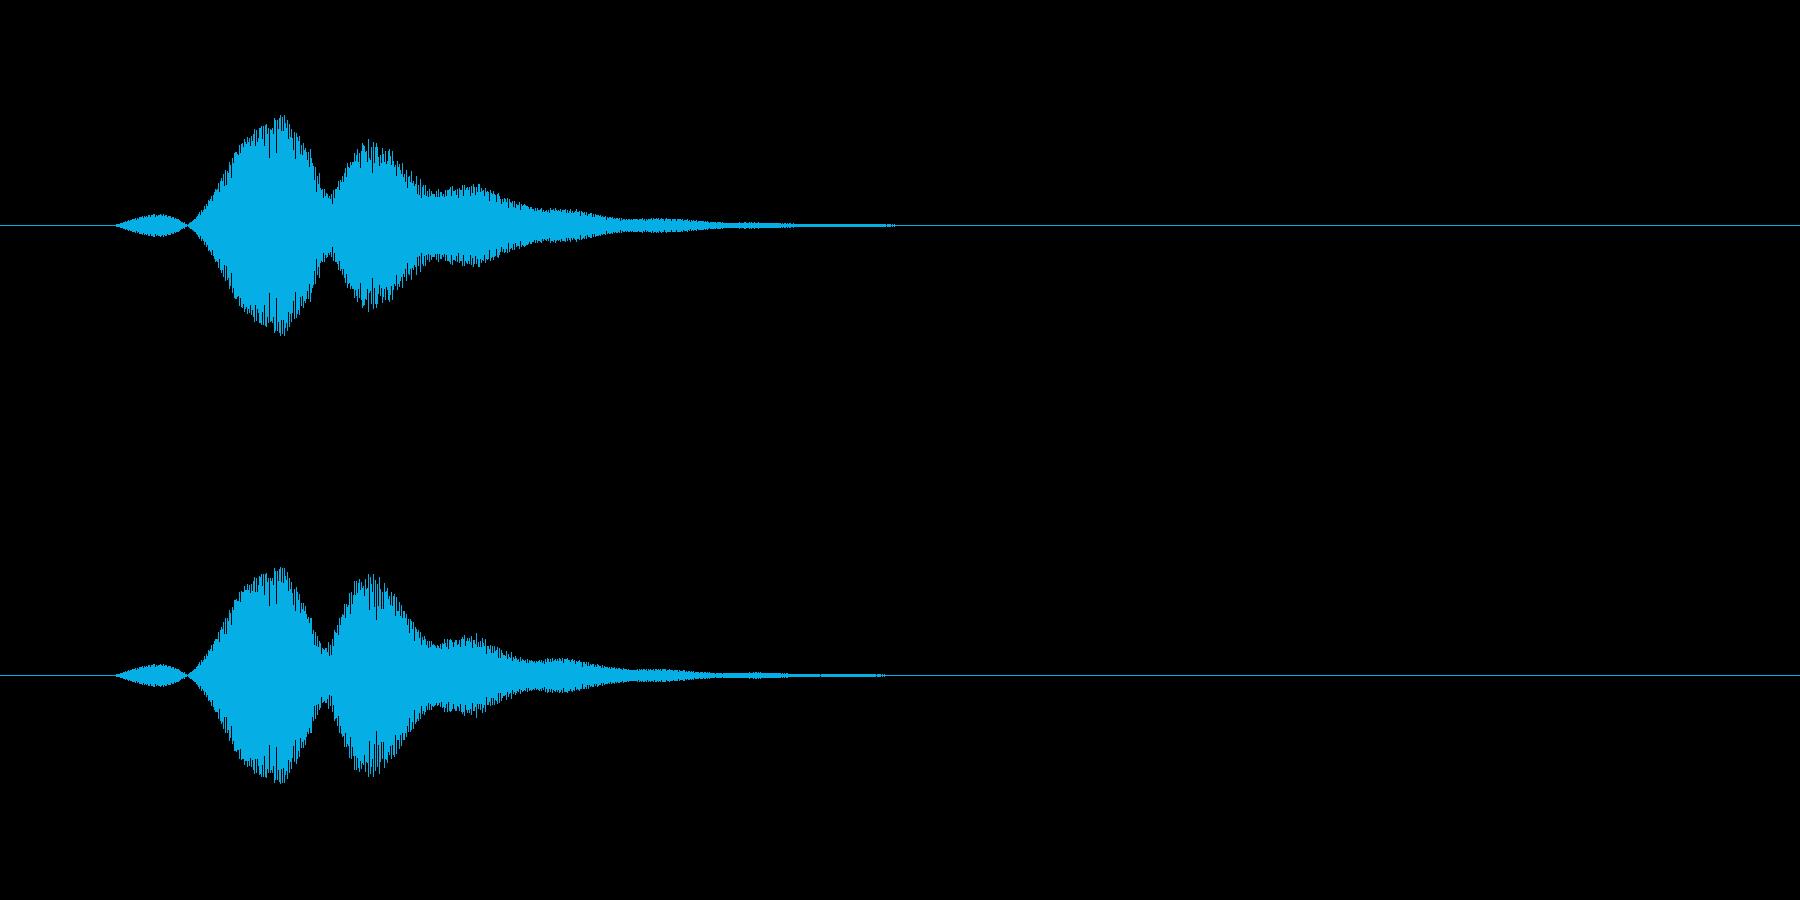 出現(ファンタジー系)の再生済みの波形